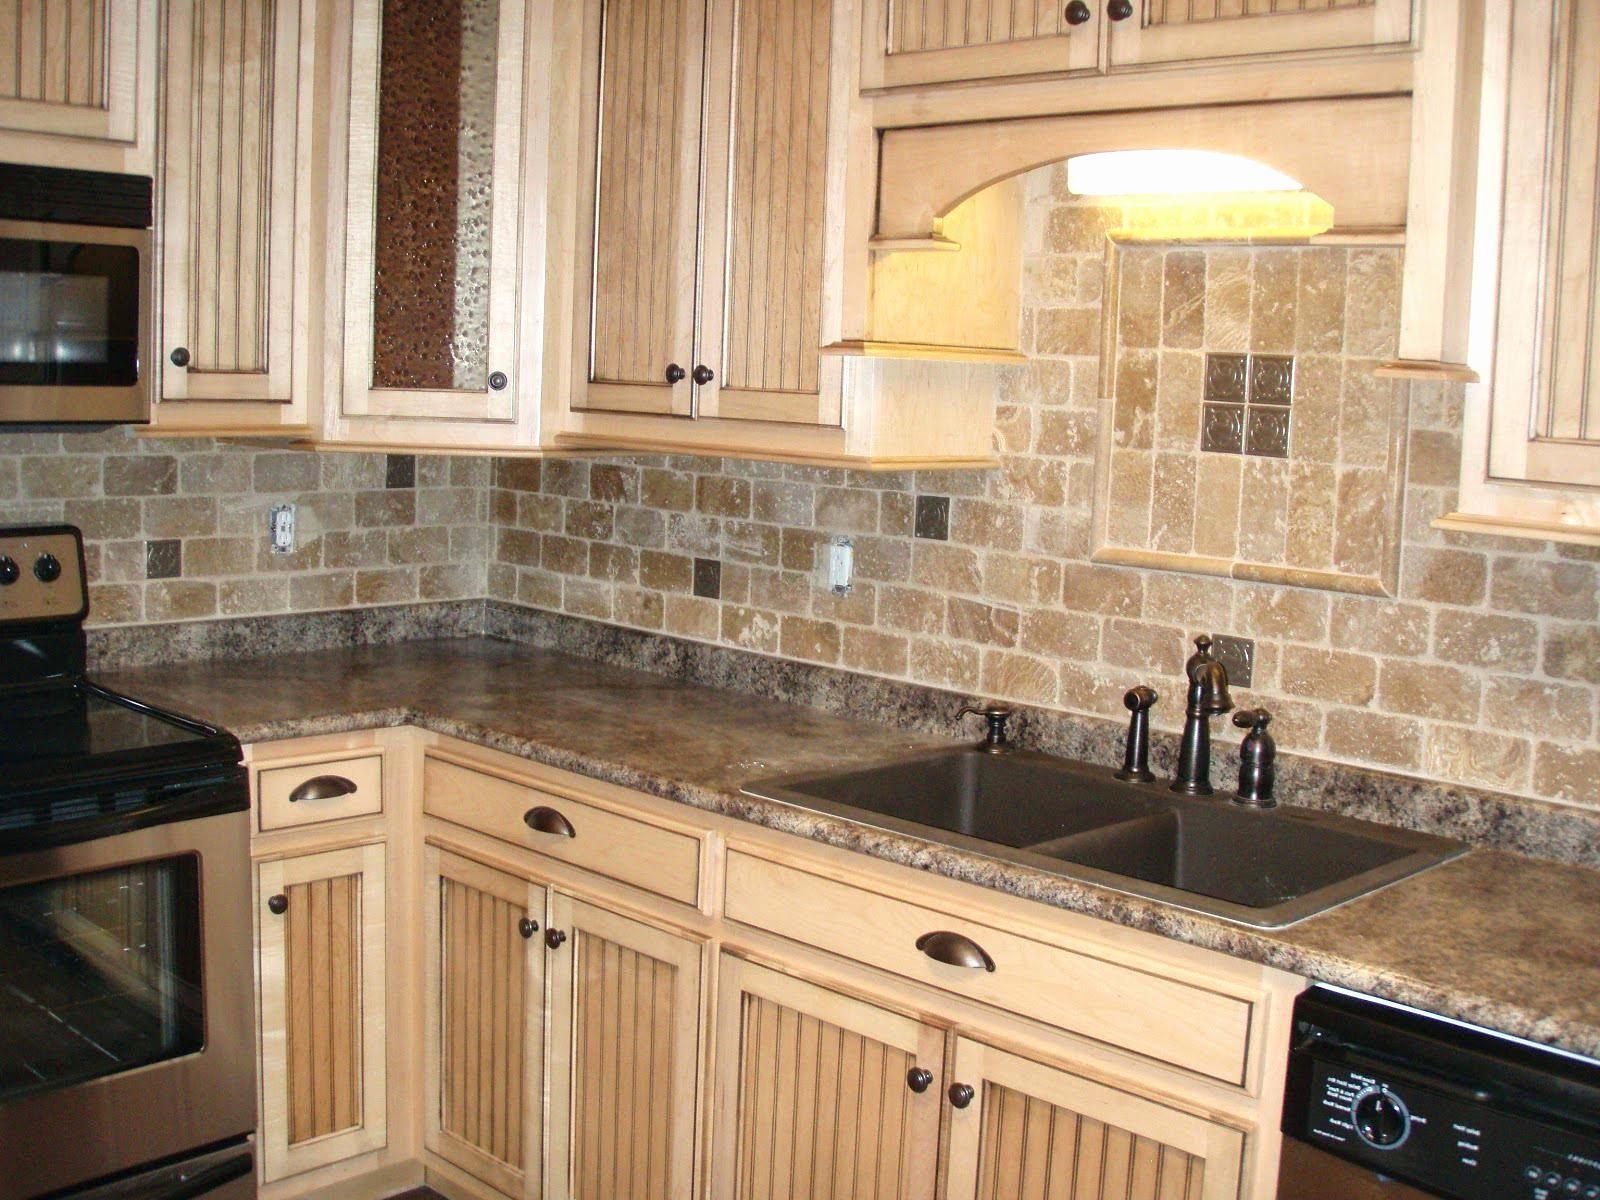 Fresh Kitchen Cabinets Granite Countertops Billige Kuchen Kuchen Bodenfliesen Fliesen Kuche